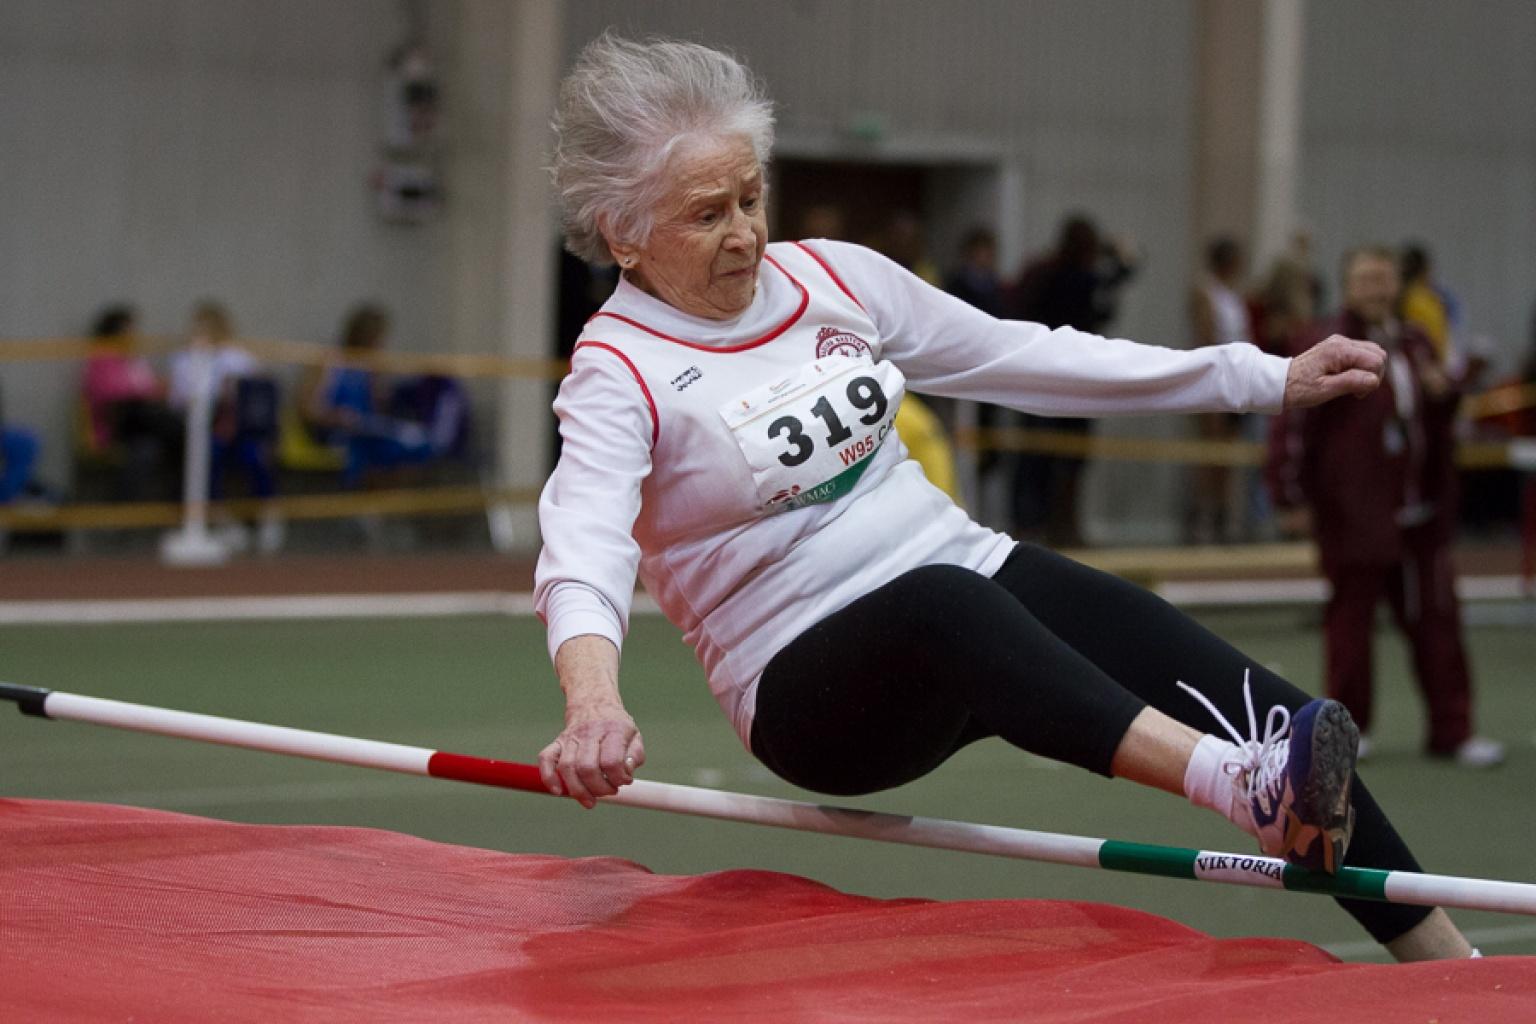 Yaşlılar için sabah egzersizi: özellikler, alıştırmalar, kurallar ve öneriler